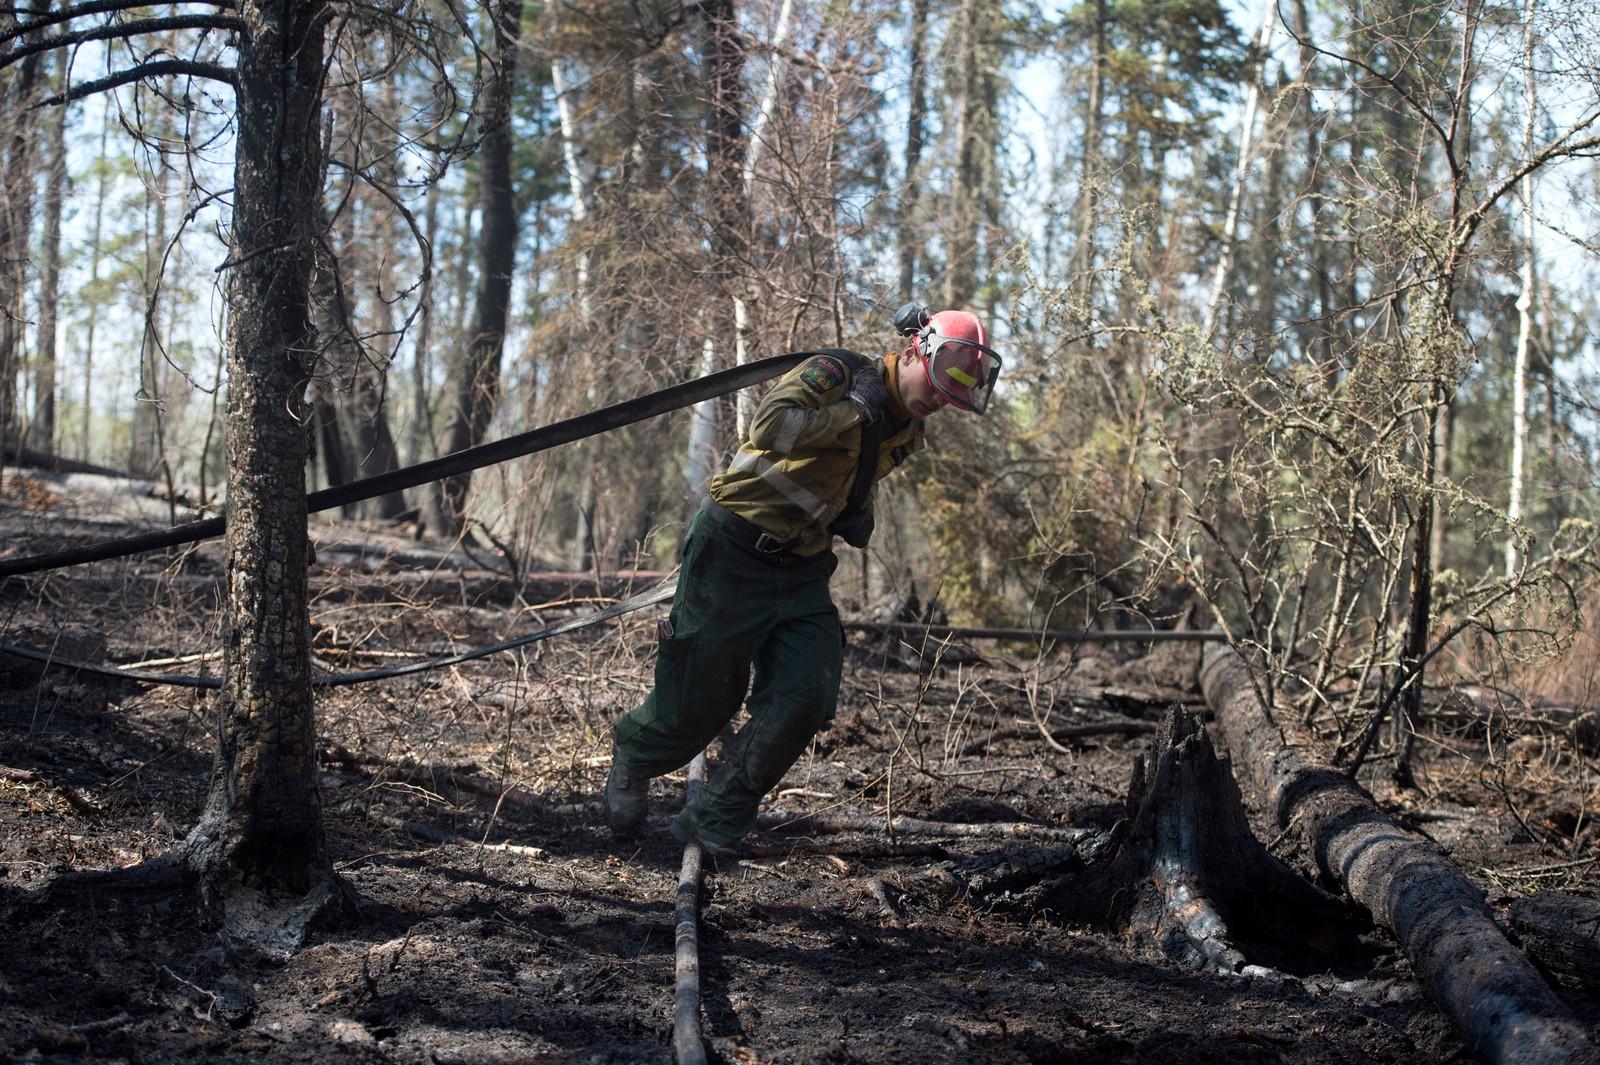 Et medlem av skogbranngruppen ved Albertas utmarksavdeling drar en brannslange gjennom den utbrente skogen i Parsons Creek-området utenfor Fort McMurray i Alberta, Canada 6. mai 2016.